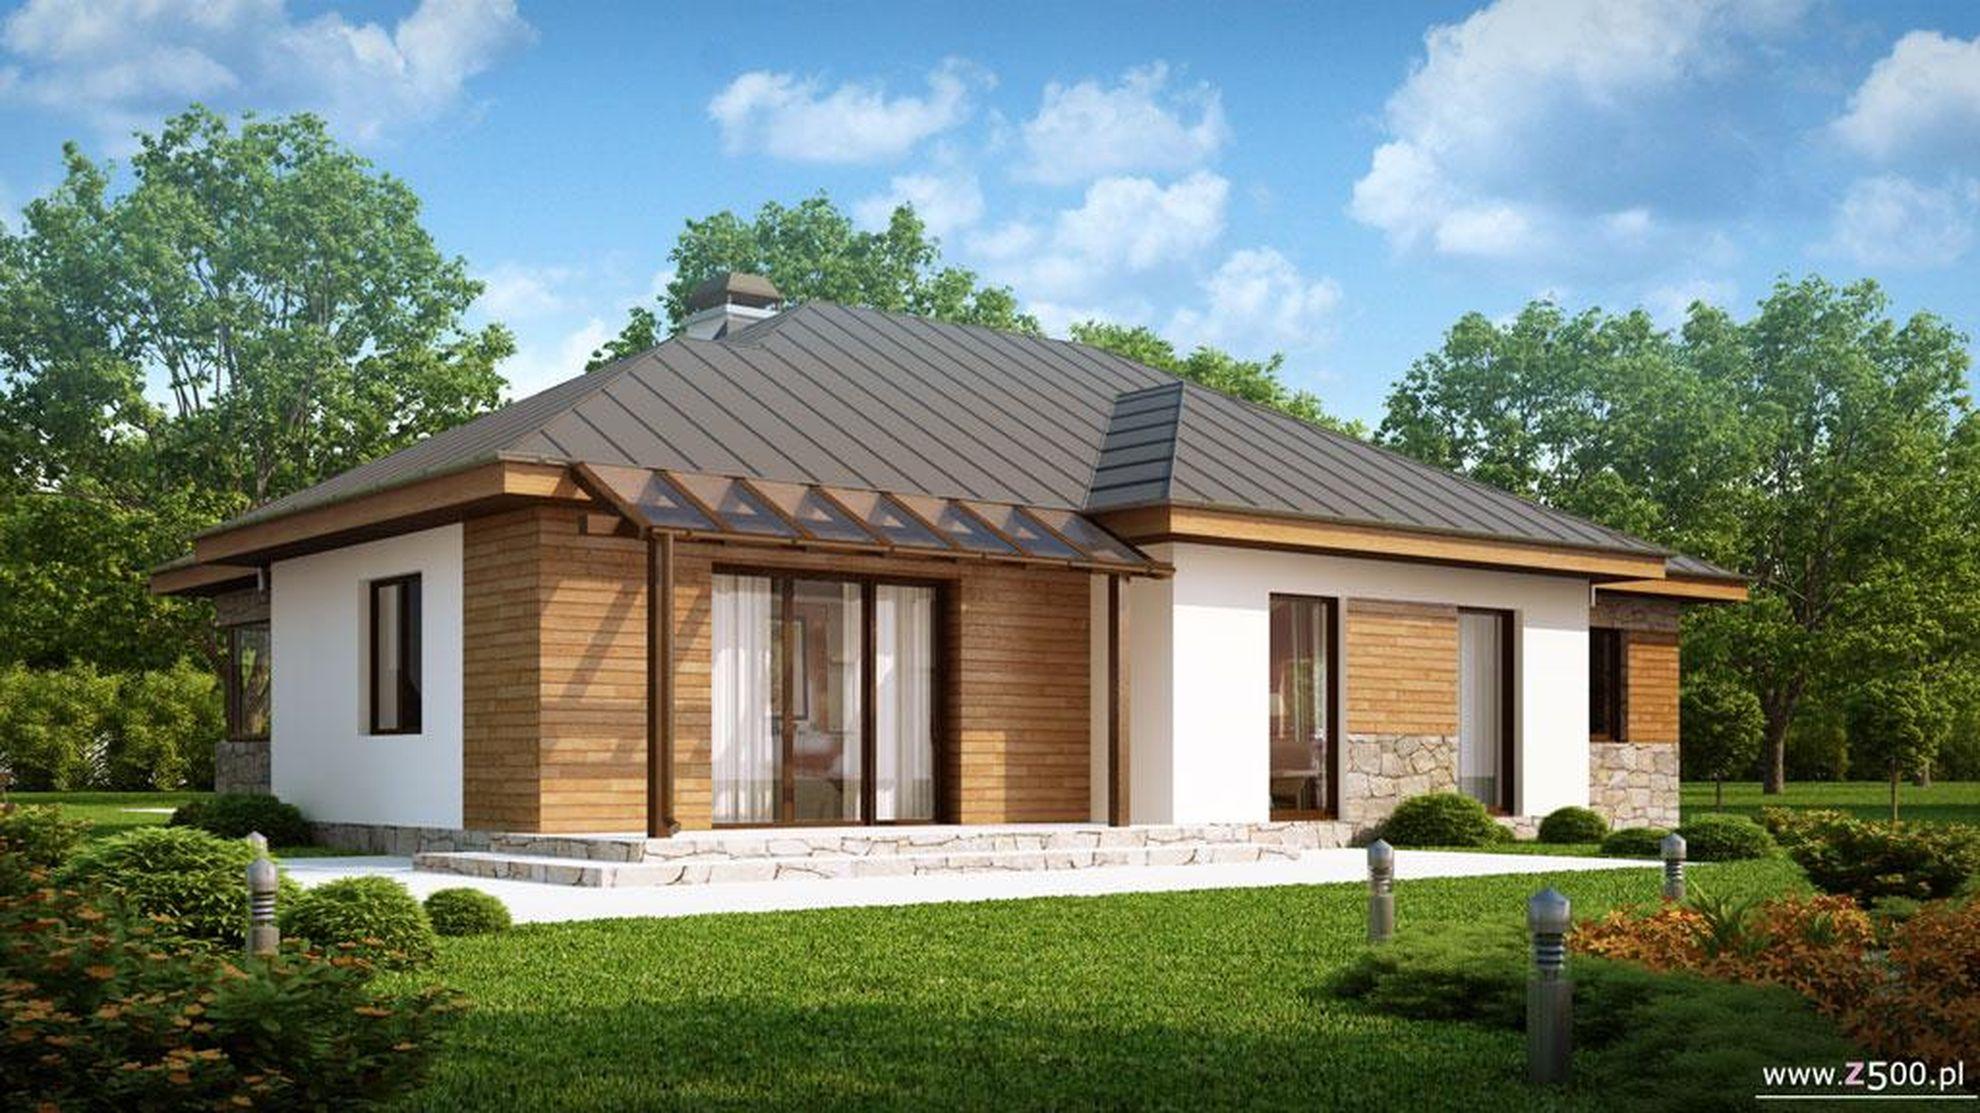 Дизайн одноэтажных домов и коттеджей